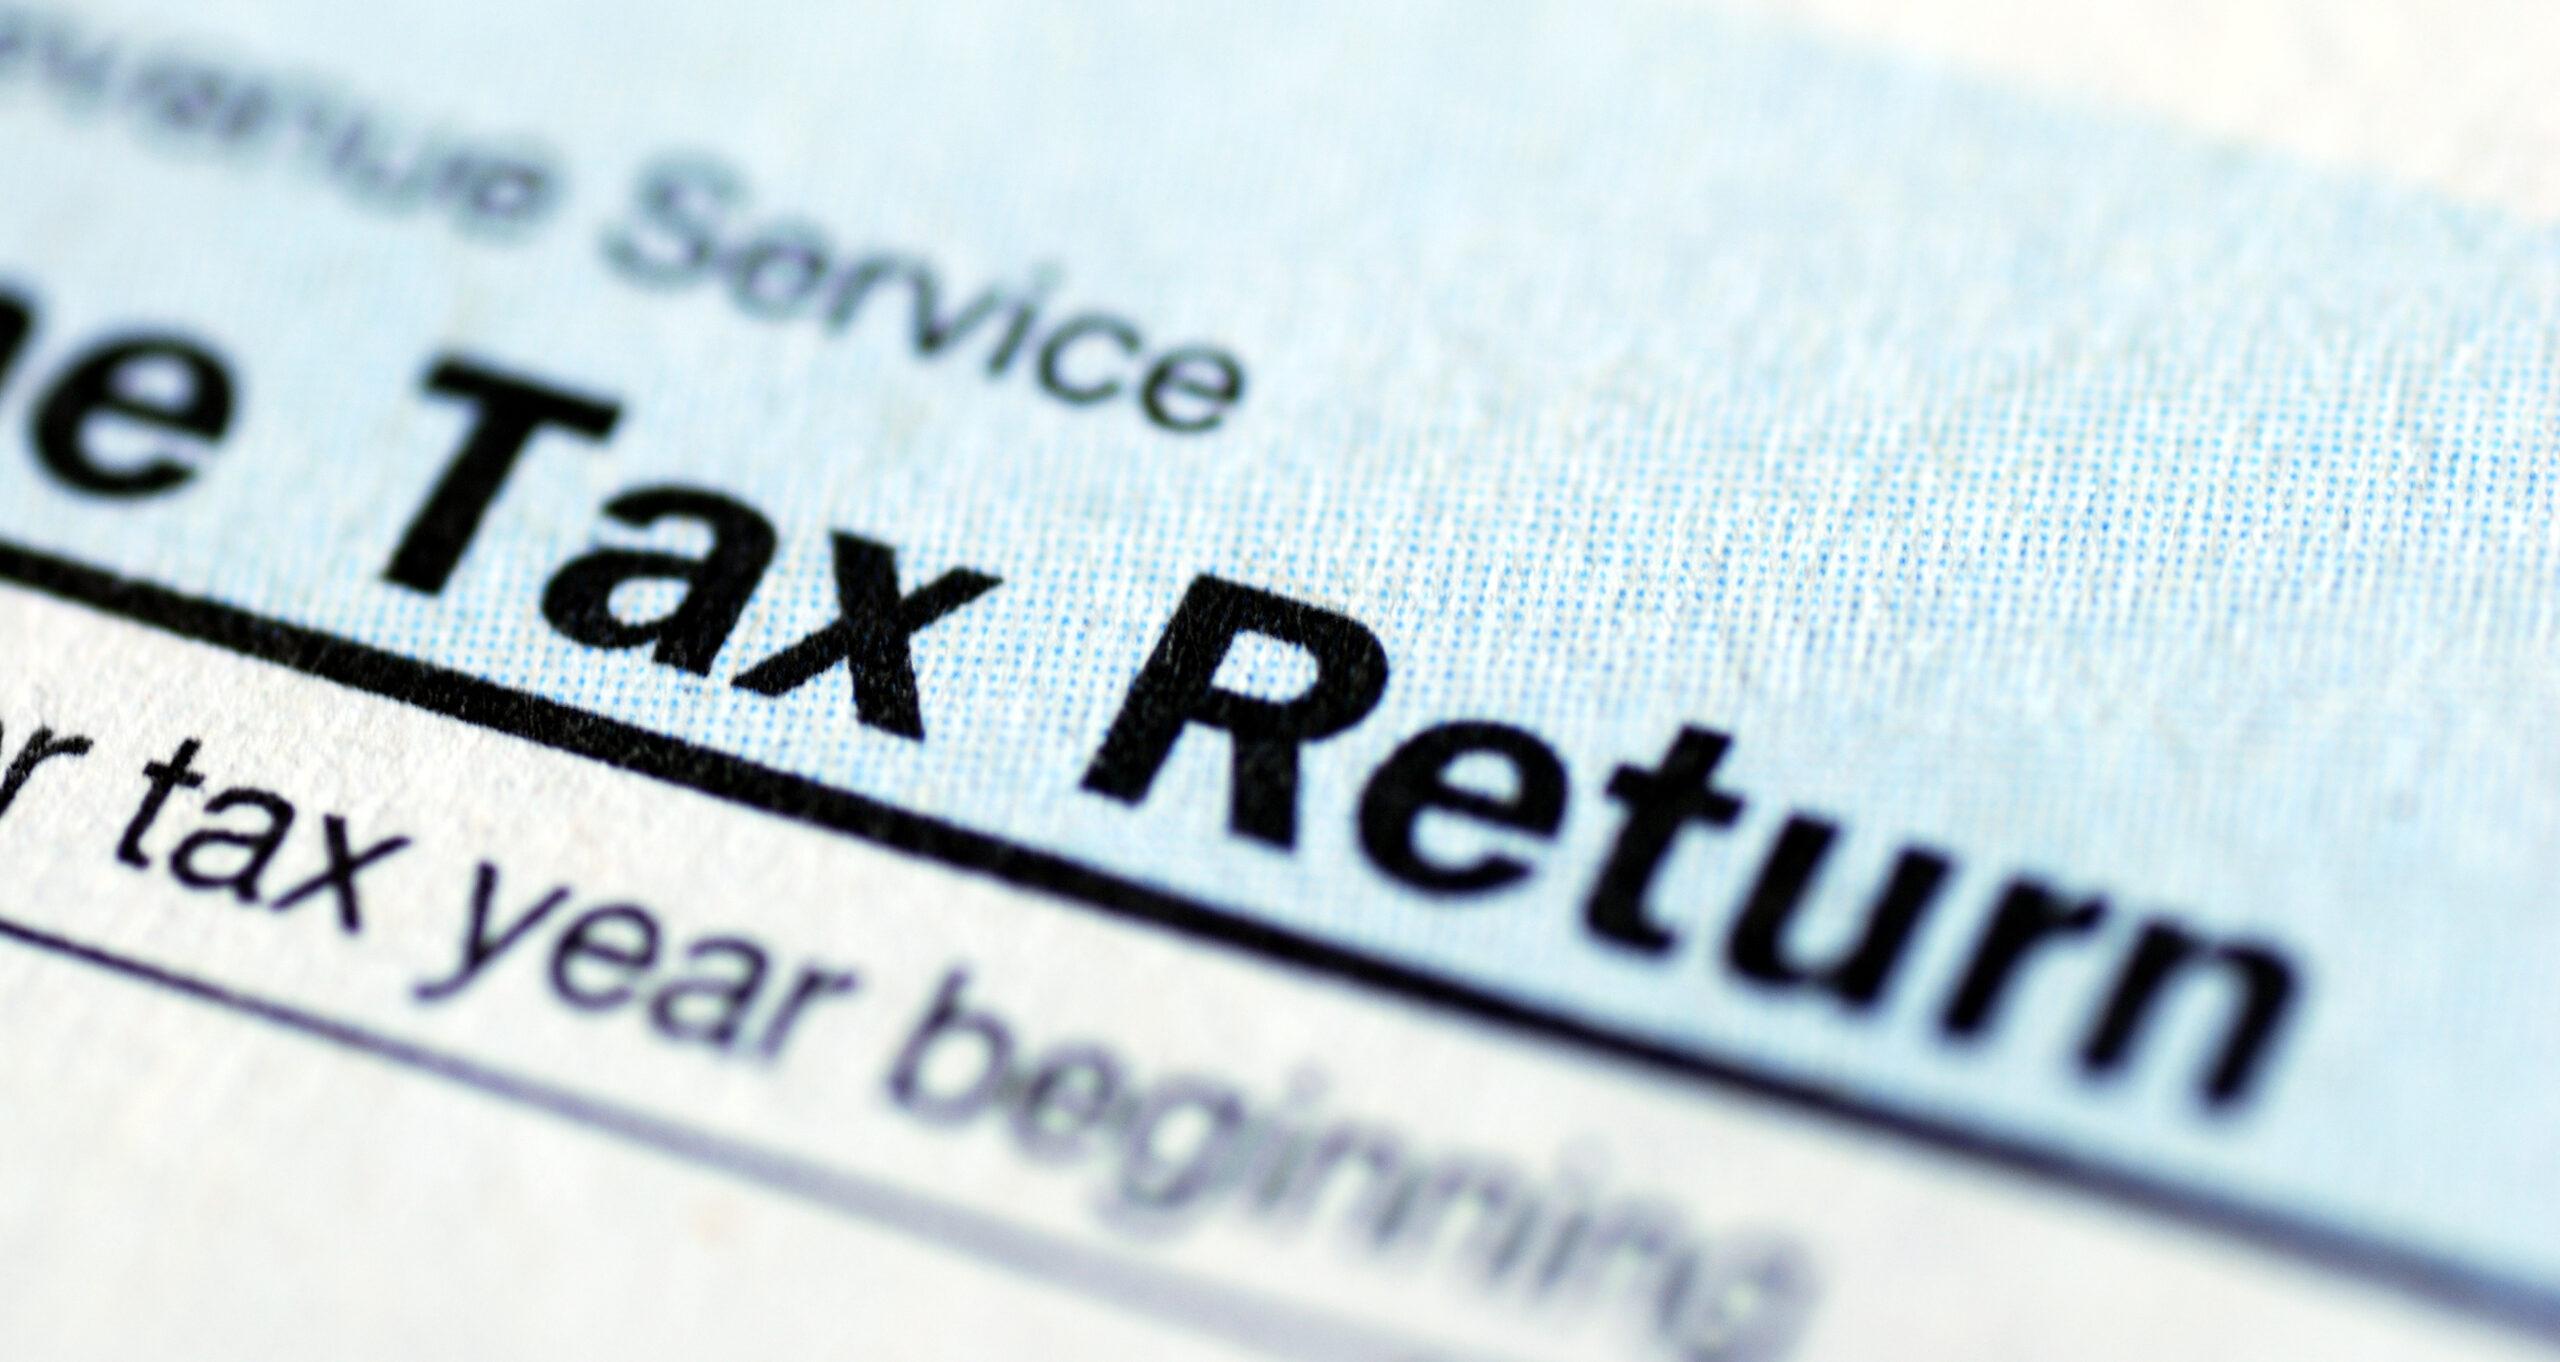 Landlords' Self-Assessment Tax Returns - Landlordzone throughout Hmrc Tax Calendar 2021 2021 Template